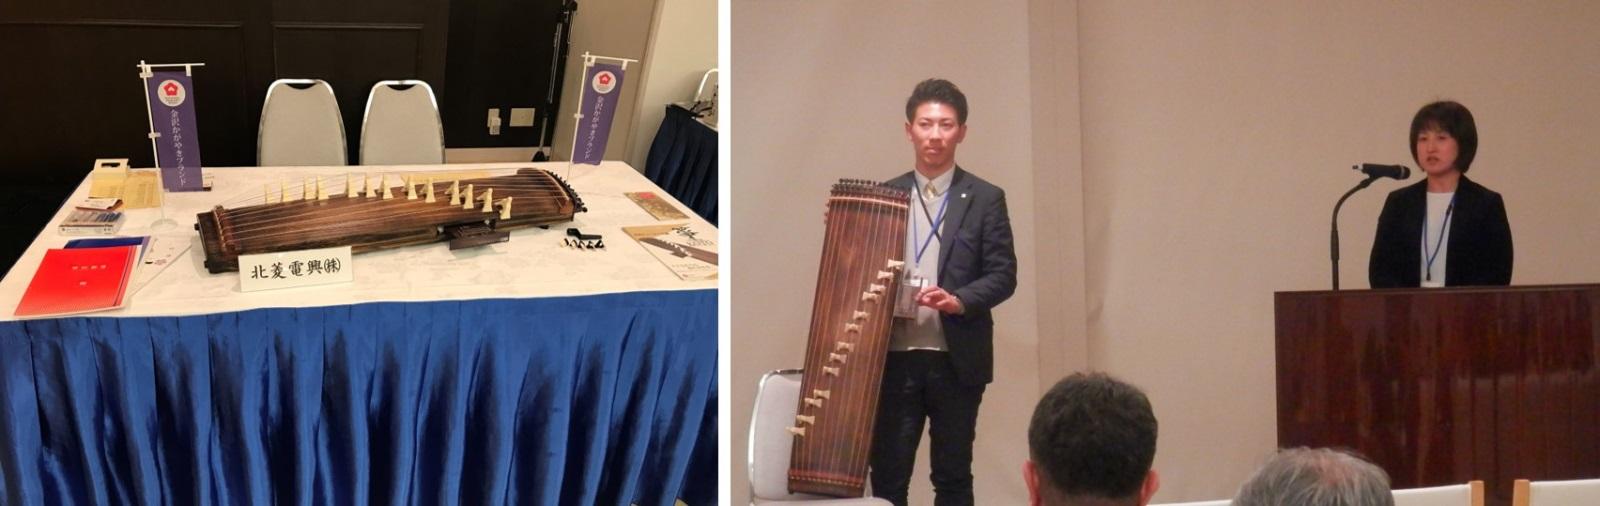 2018年2月22日:北陸三県合同楽器商交流会にてNEO-KOTO輝をご紹介